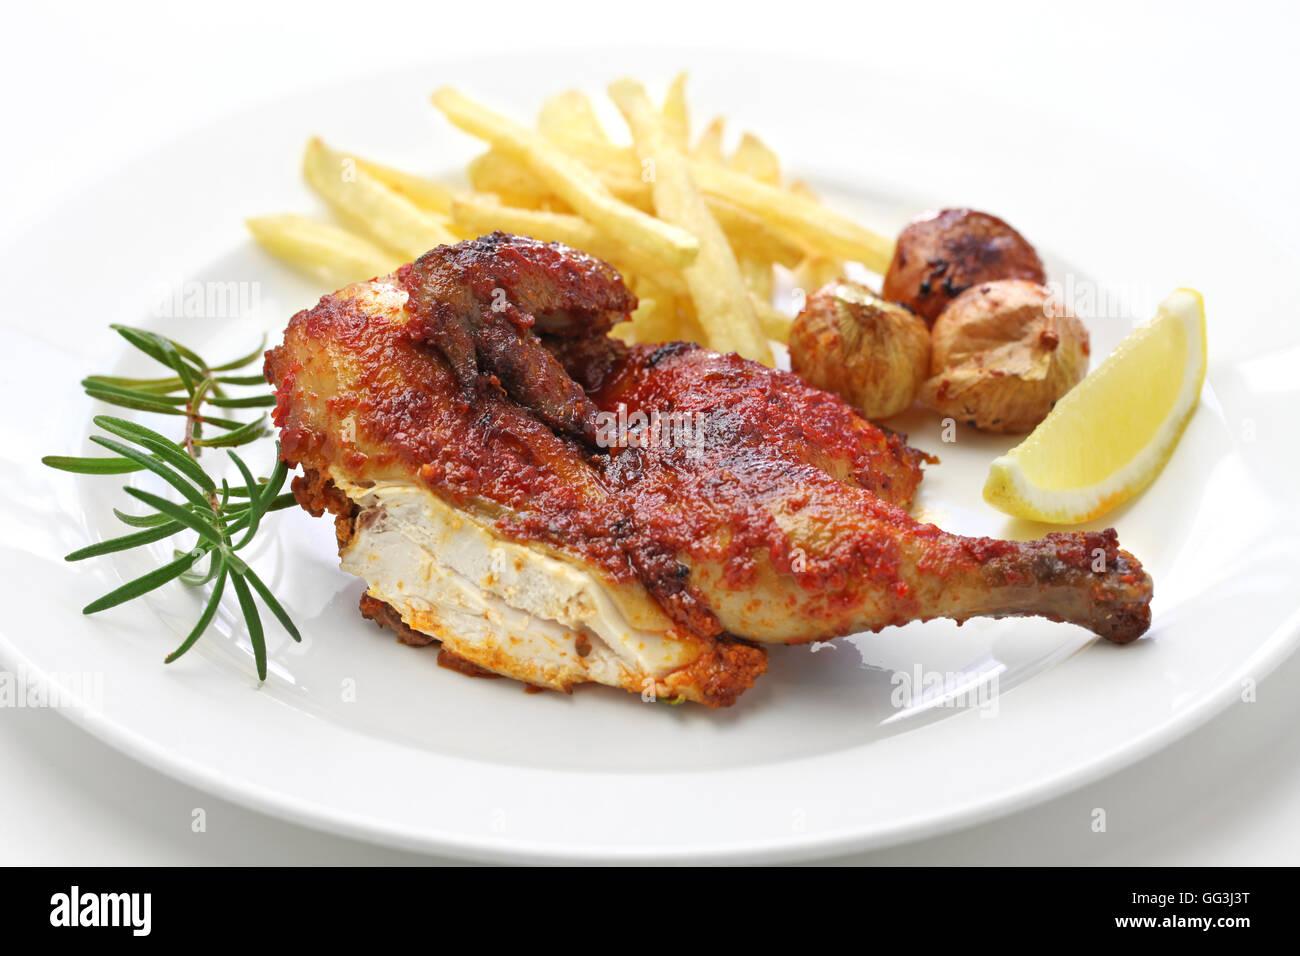 Picante de pollo piri piri, la gastronomía portuguesa. Foto de stock